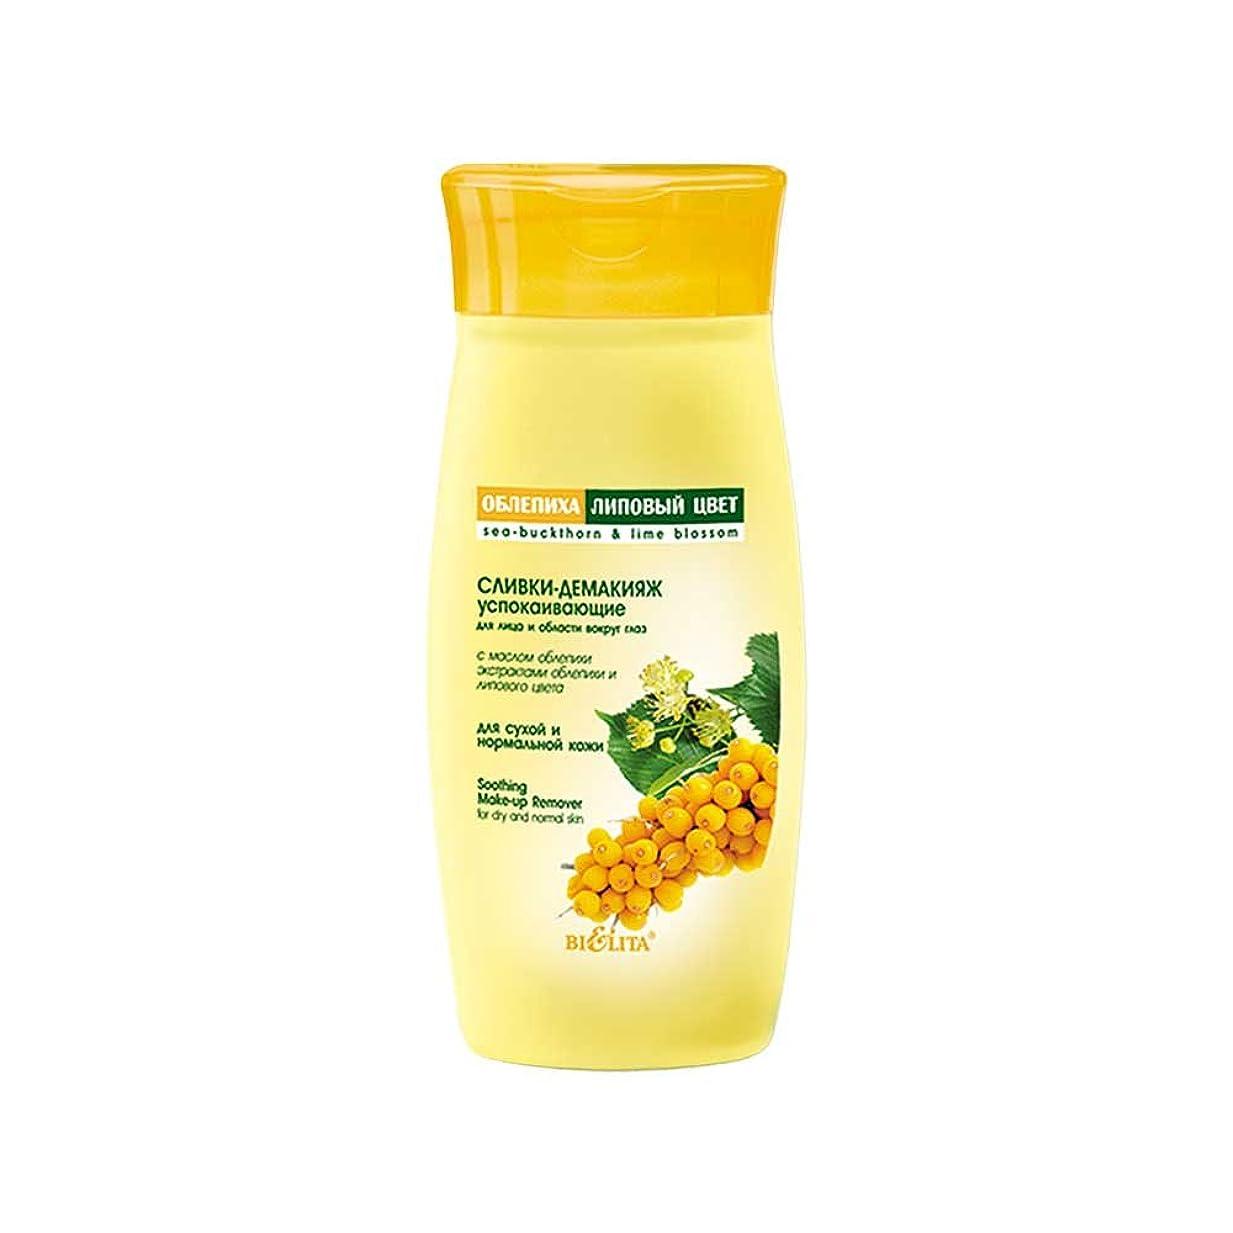 教師の日バイバイ必要Bielita & Vitex   Sea-Buckthorn Line   Shooting Face and Eye Make-up Remover, 145 ml   Sea-Buckthorn Oil, Lime Blossom Oil, Vitamin E